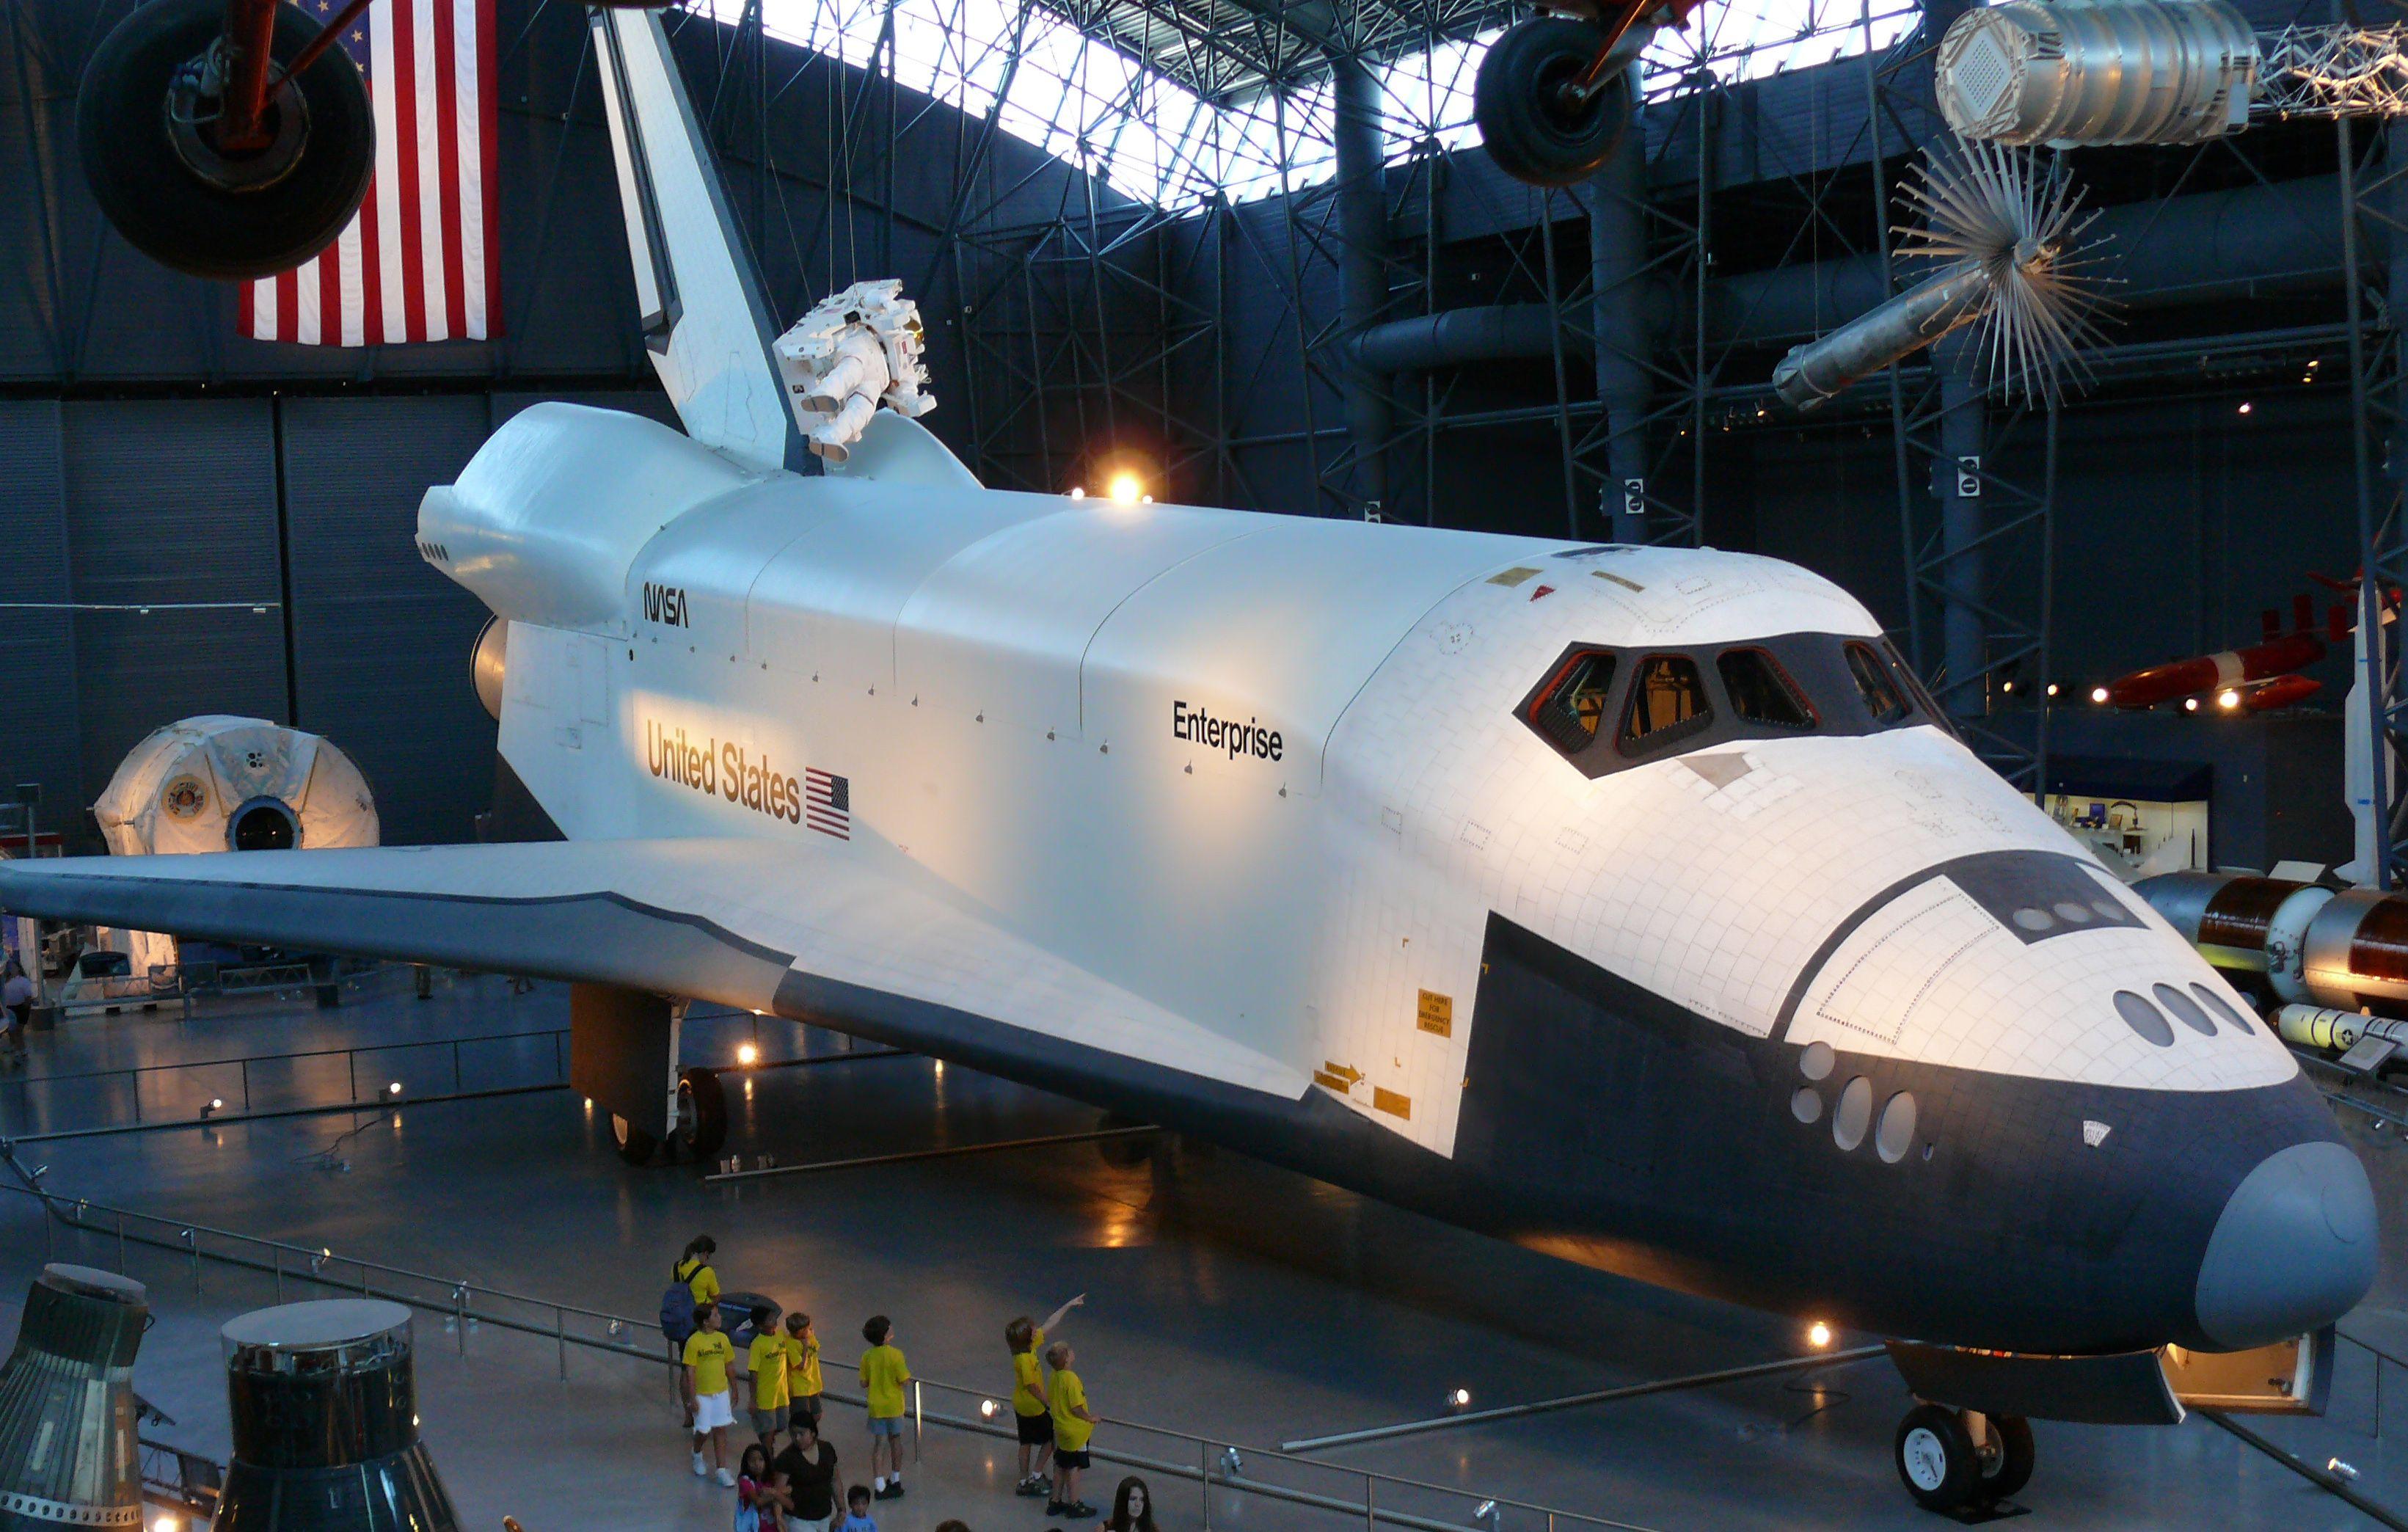 USS Enterprise space shuttle